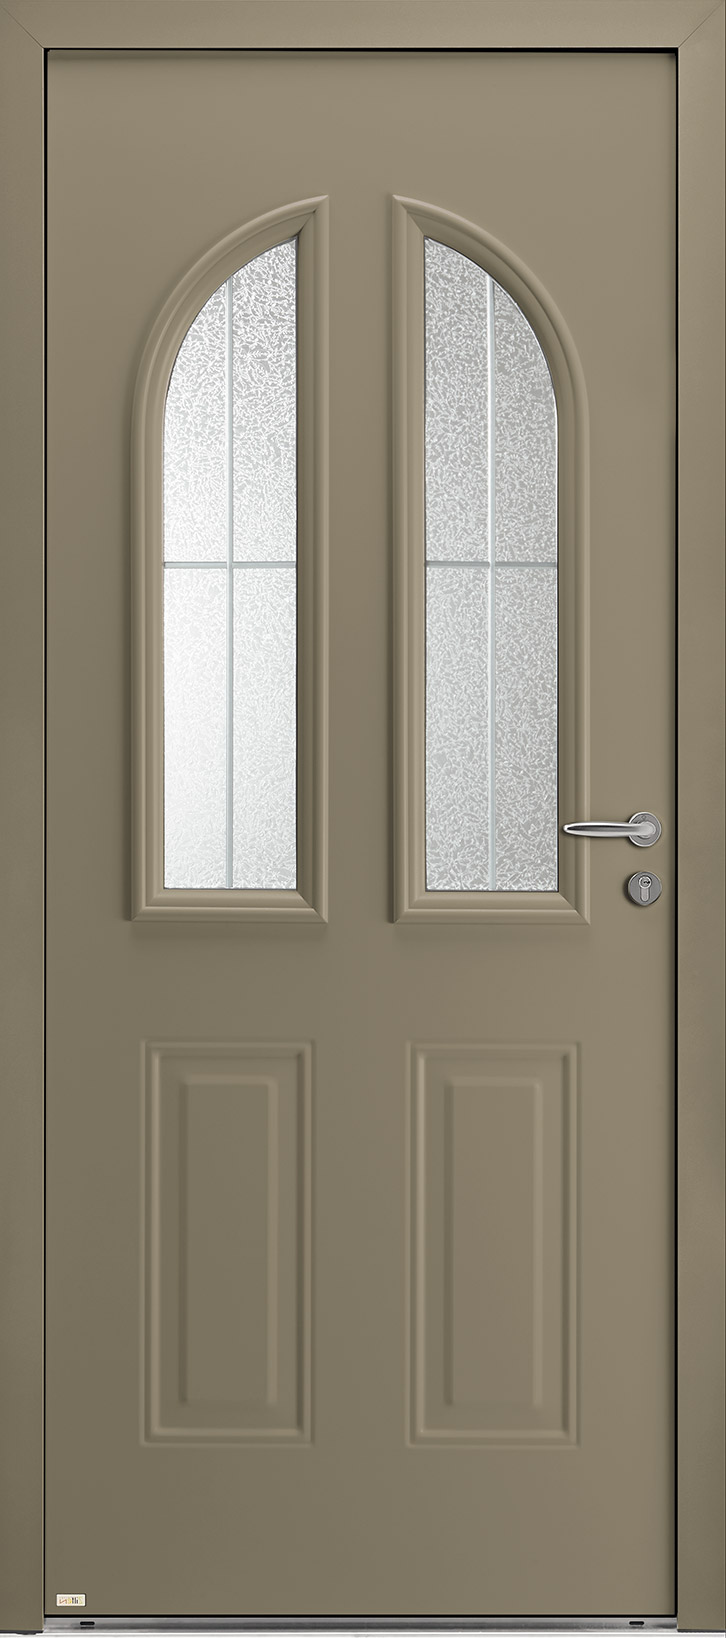 Porte d'entrée beige